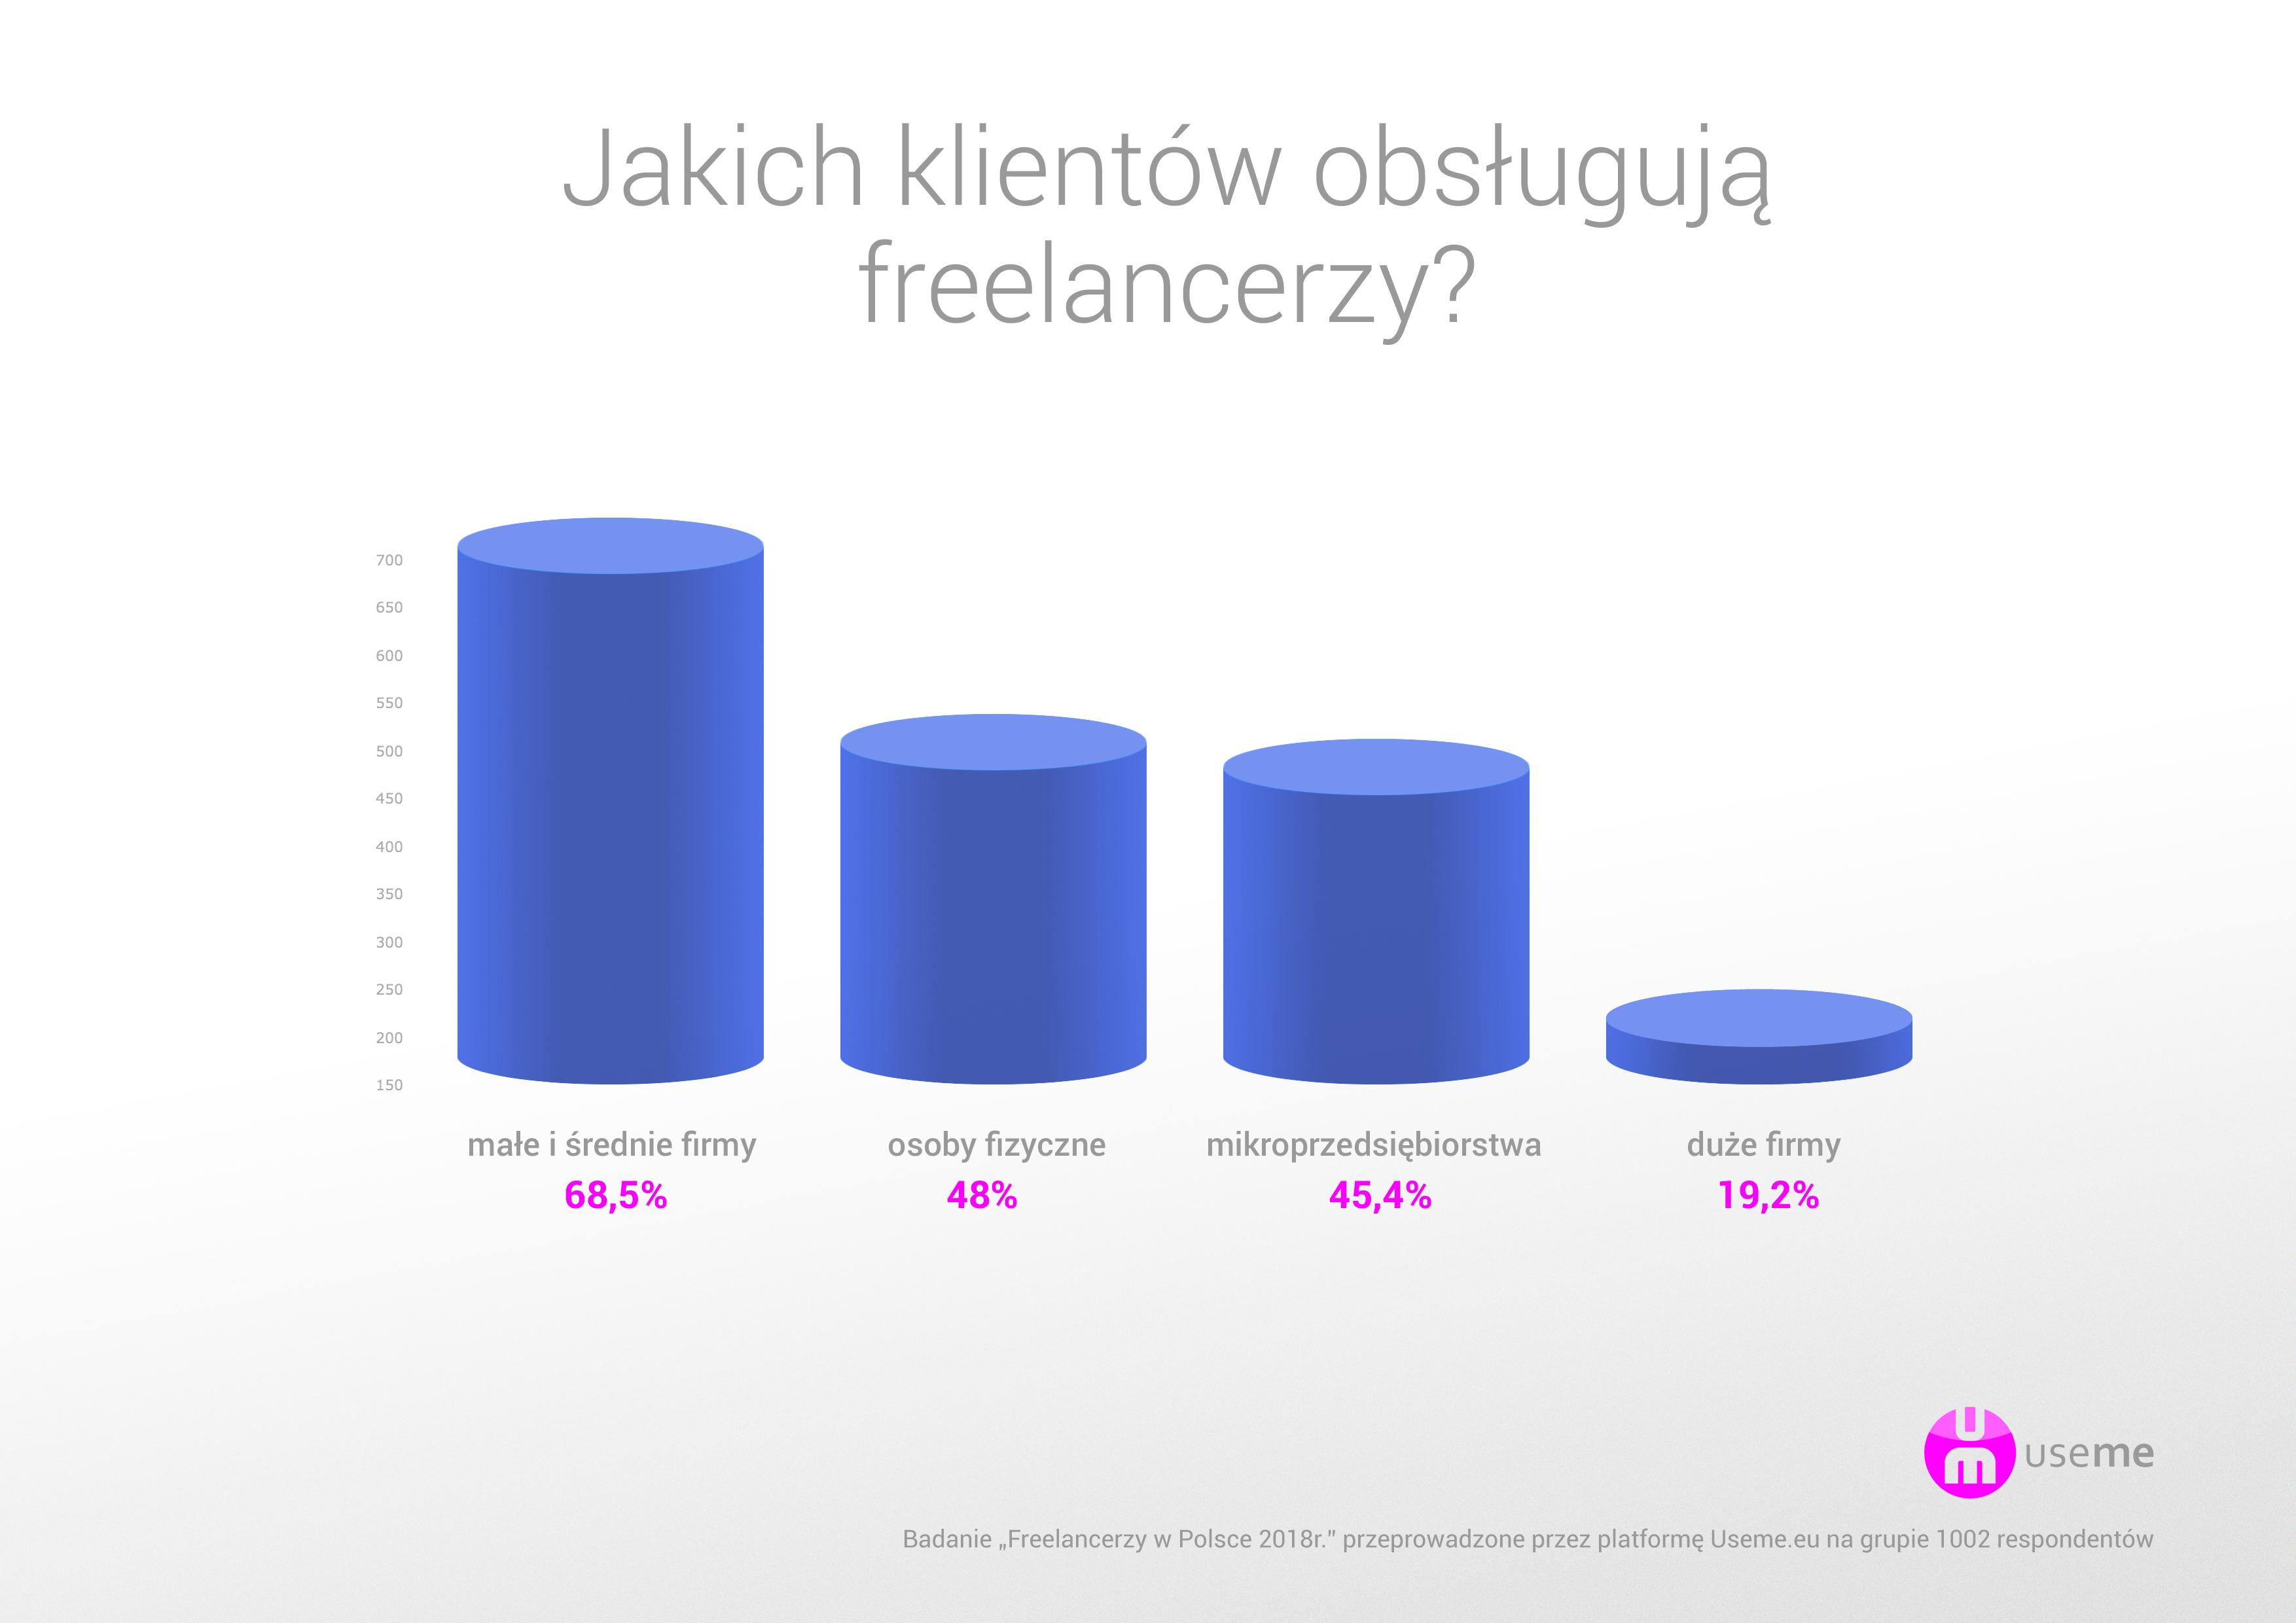 https://useme.eu/media/help-images/raport-useme-praca-zdalna-w-polsce-3-rodzaje-klient%C3%B3w.png